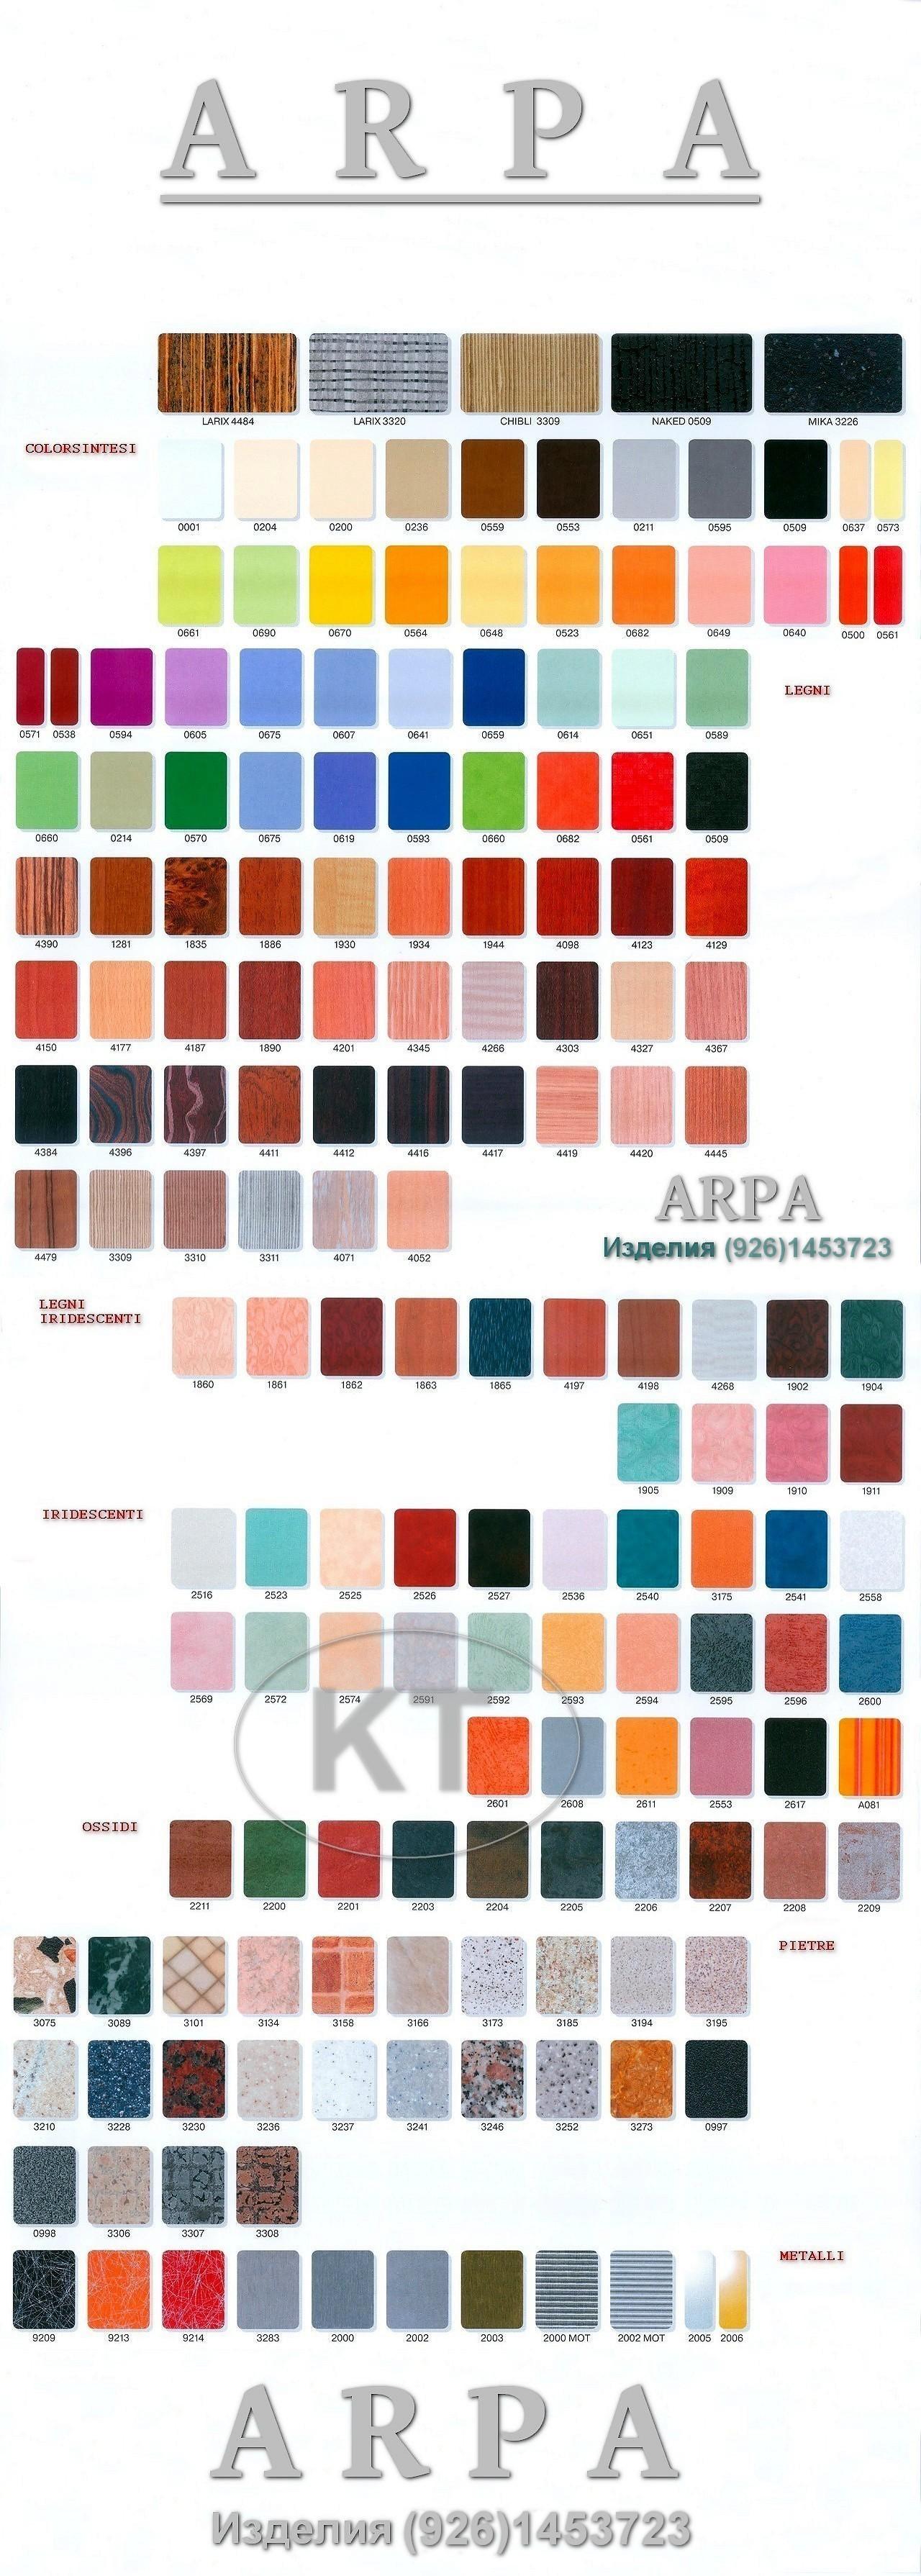 Обустройство - ARPA каталог декоративного пластика